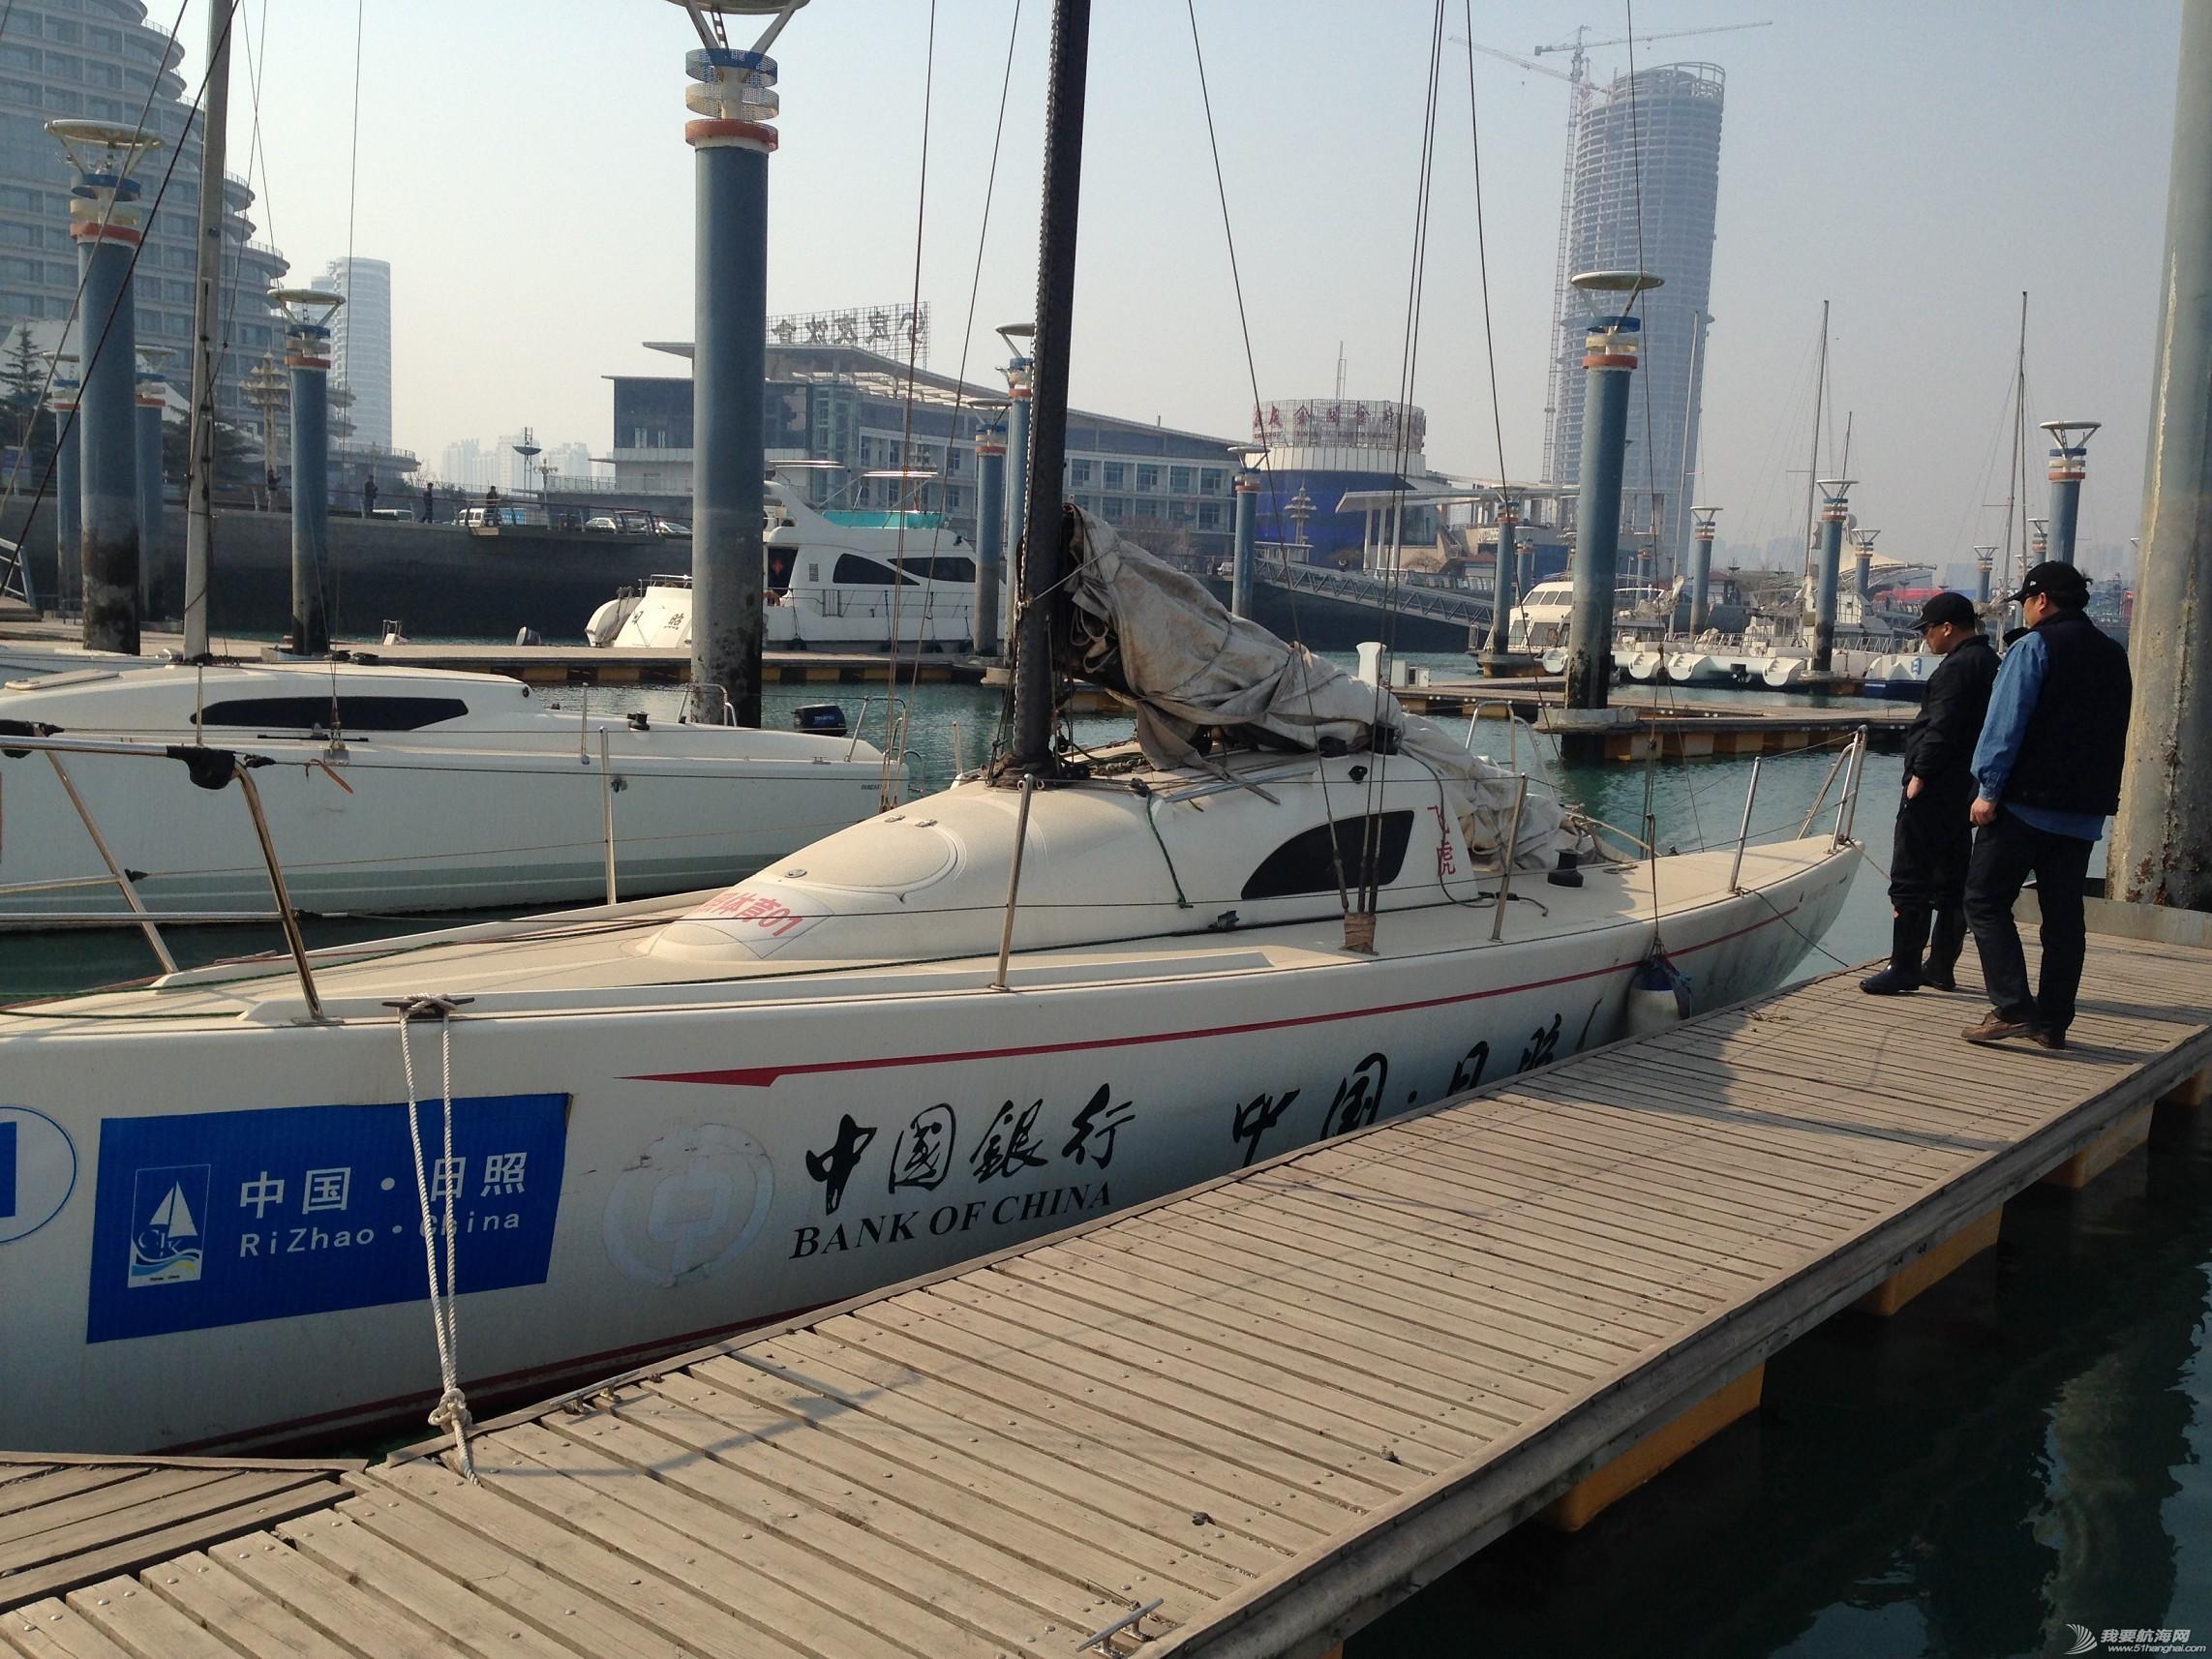 俱乐部,帆船 俱乐部周末参观大帆船 IMG_2792_眸目压缩.JPG